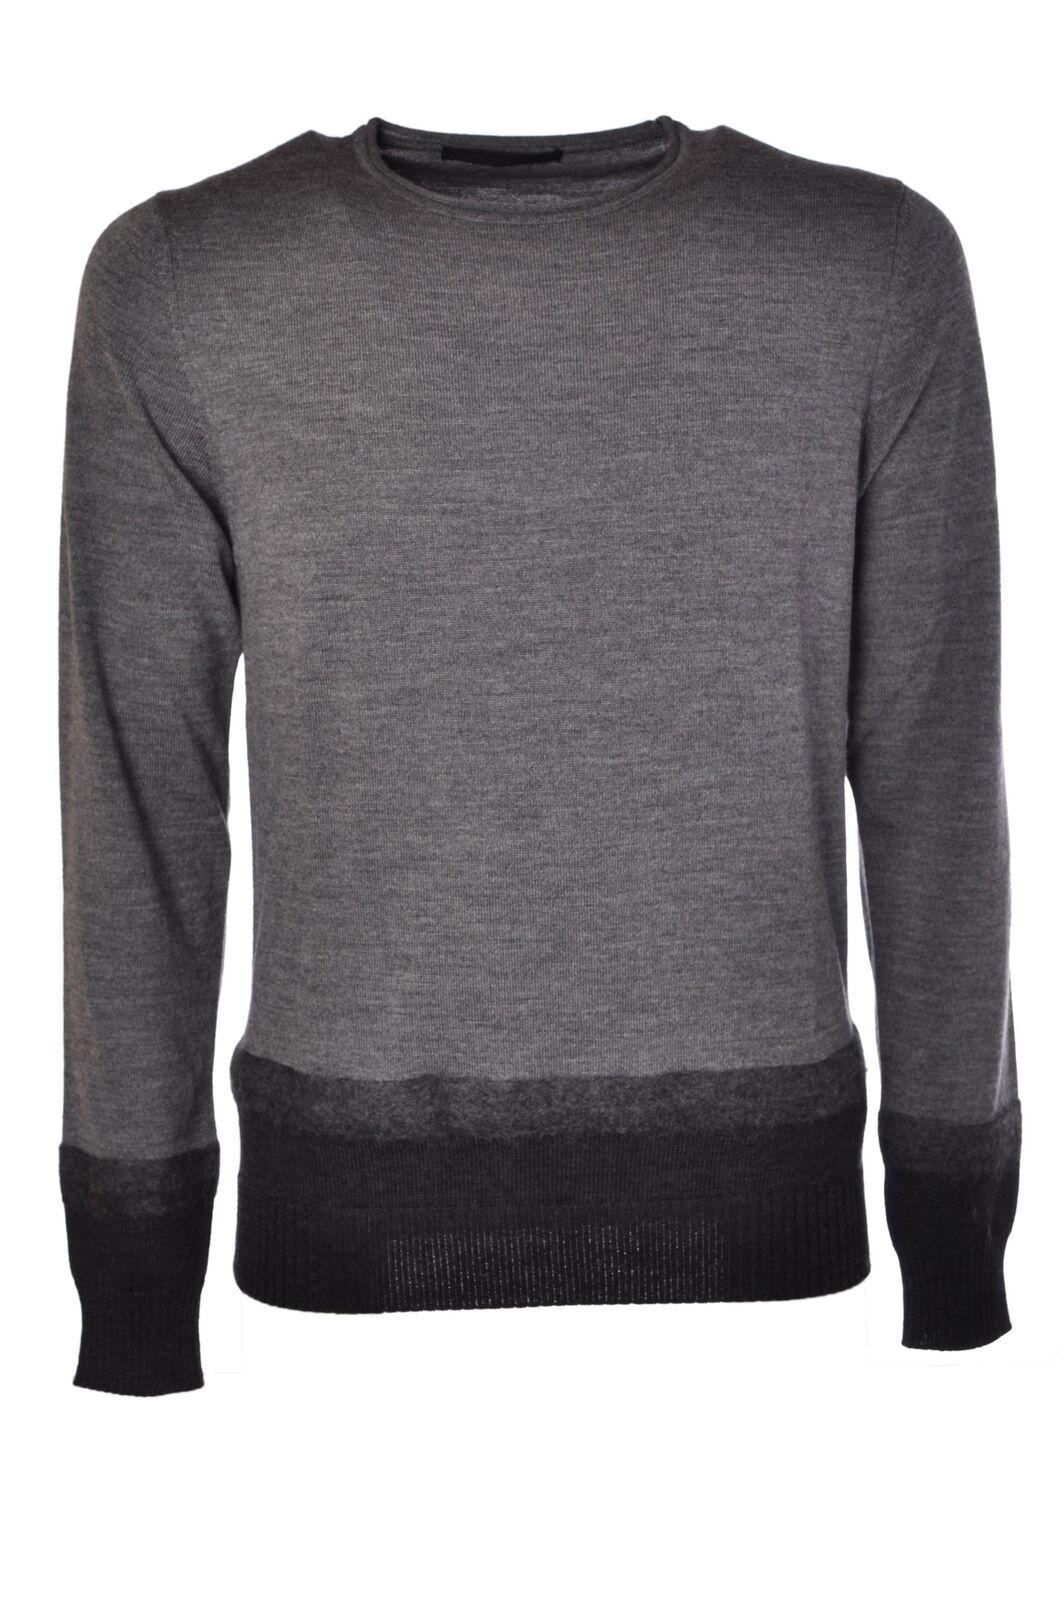 Daniele Alessandrini Gris - Knitwear-Sweaters - Man - Gris Alessandrini - 477615C183714 12a00d